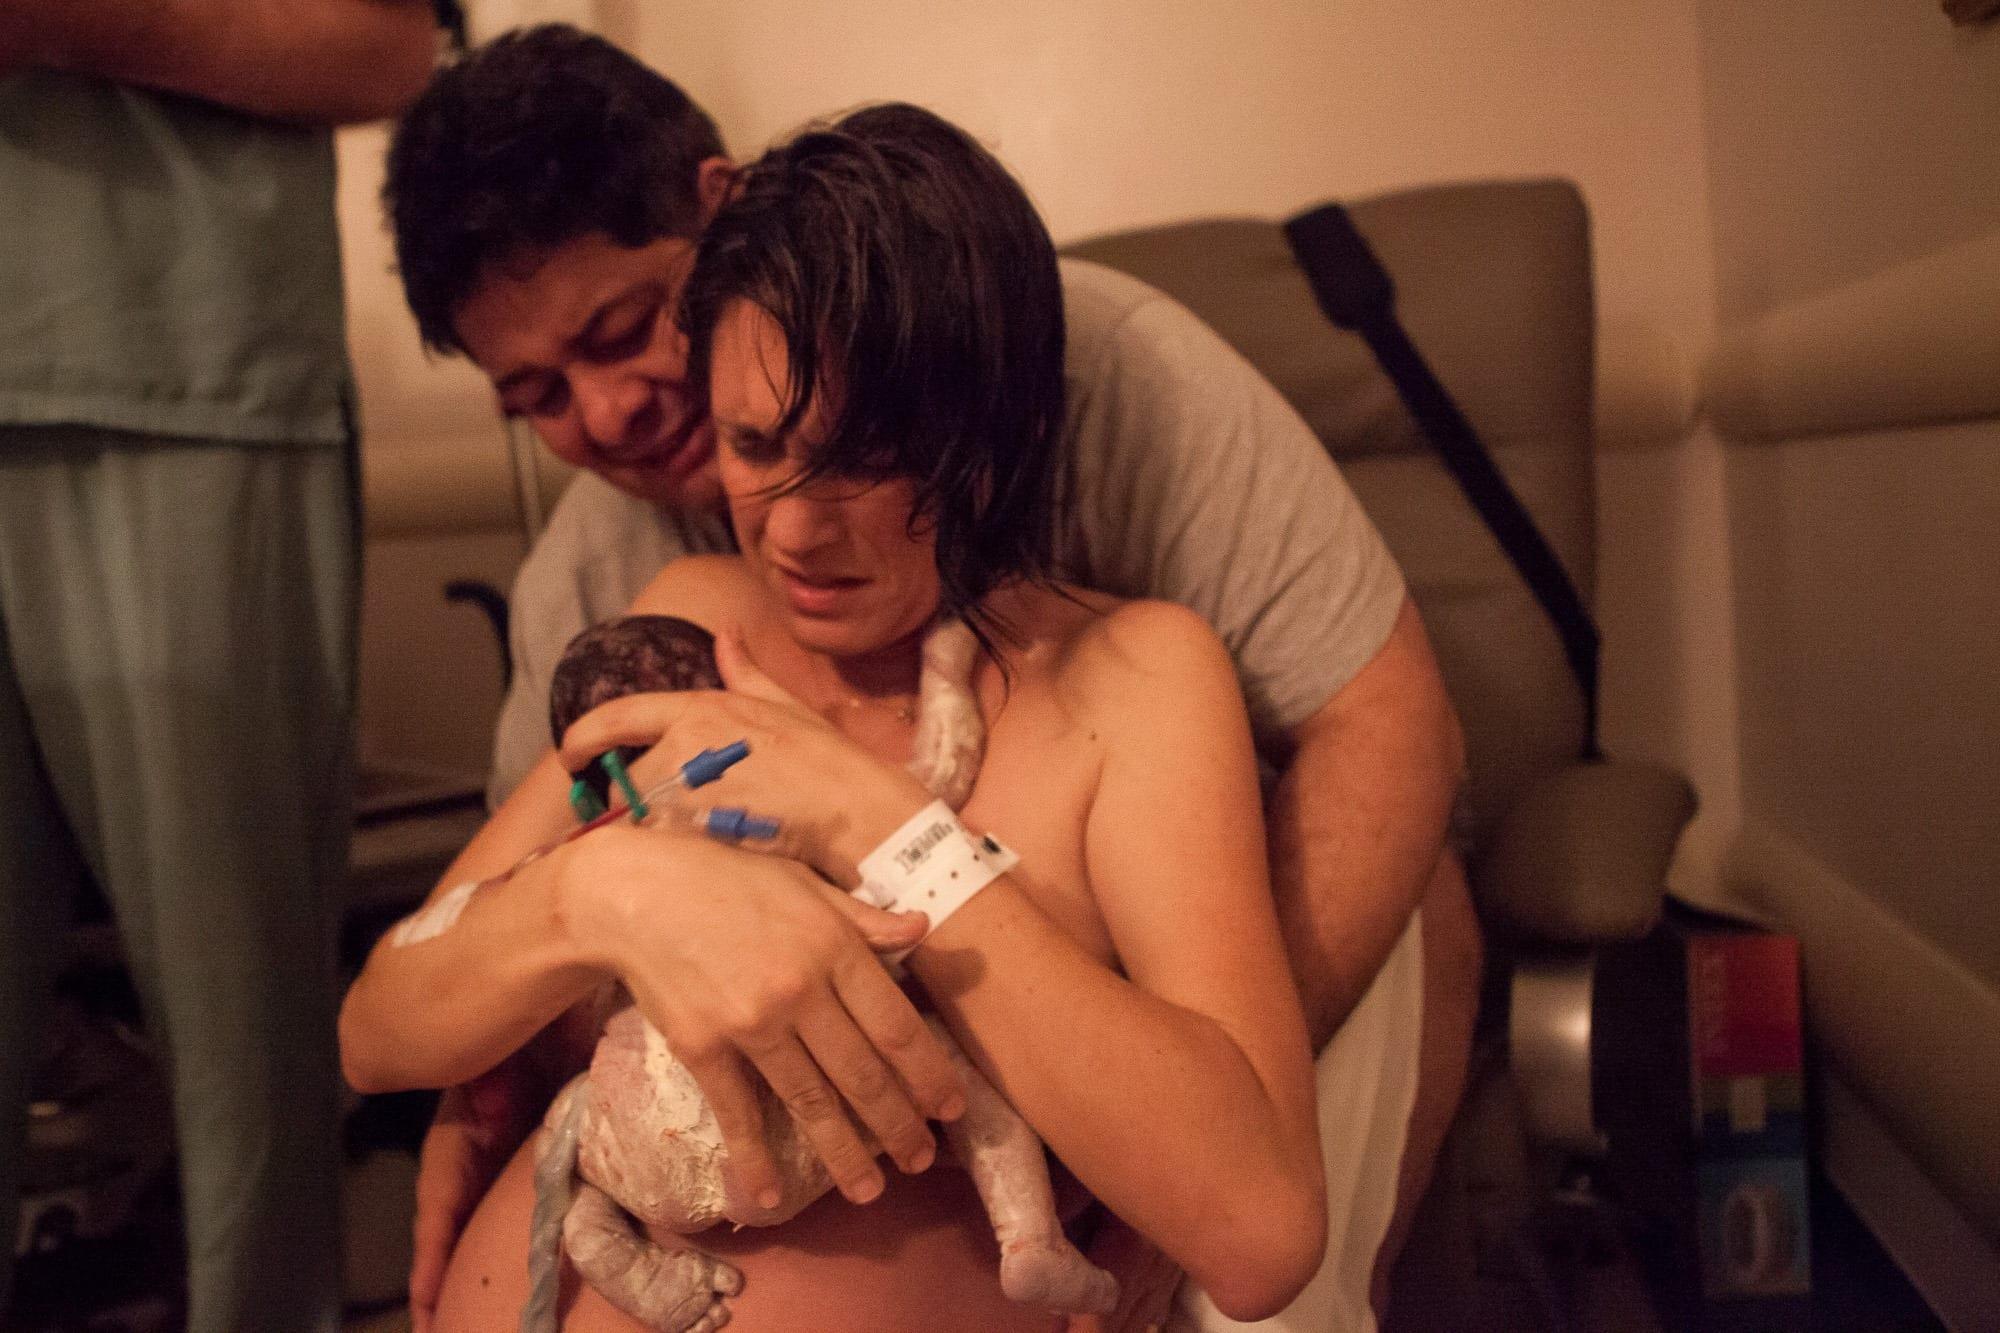 Primeiro bebê nasceu após seis horas de trabalho de parto (Foto: Gabi Trevisan - Foto Natural)